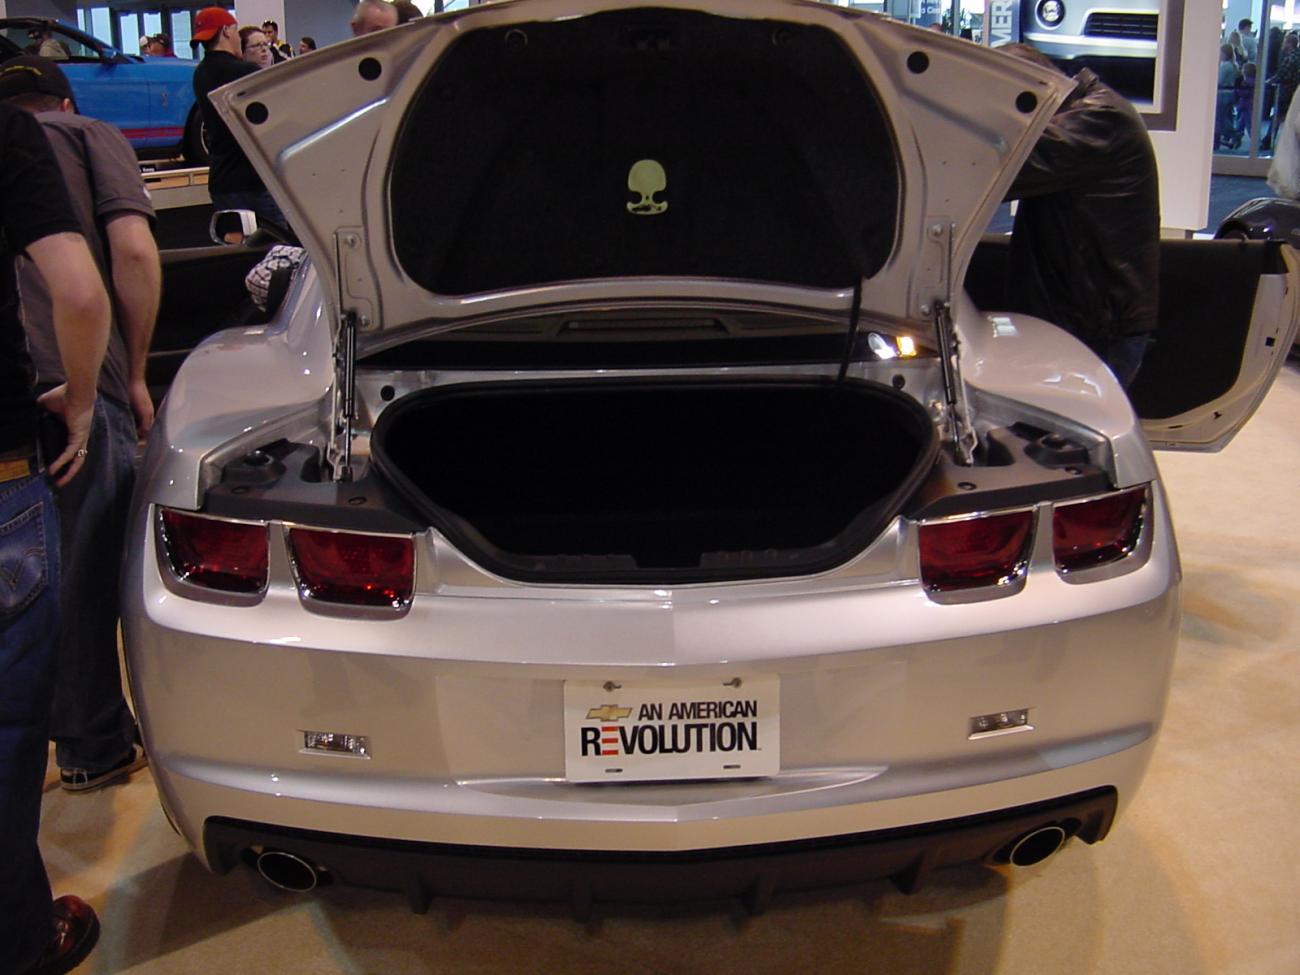 Chevy Dealers Phoenix Az Denver auto show, Camaro @ dealers May 6th - Camaro5 Chevy Camaro ...